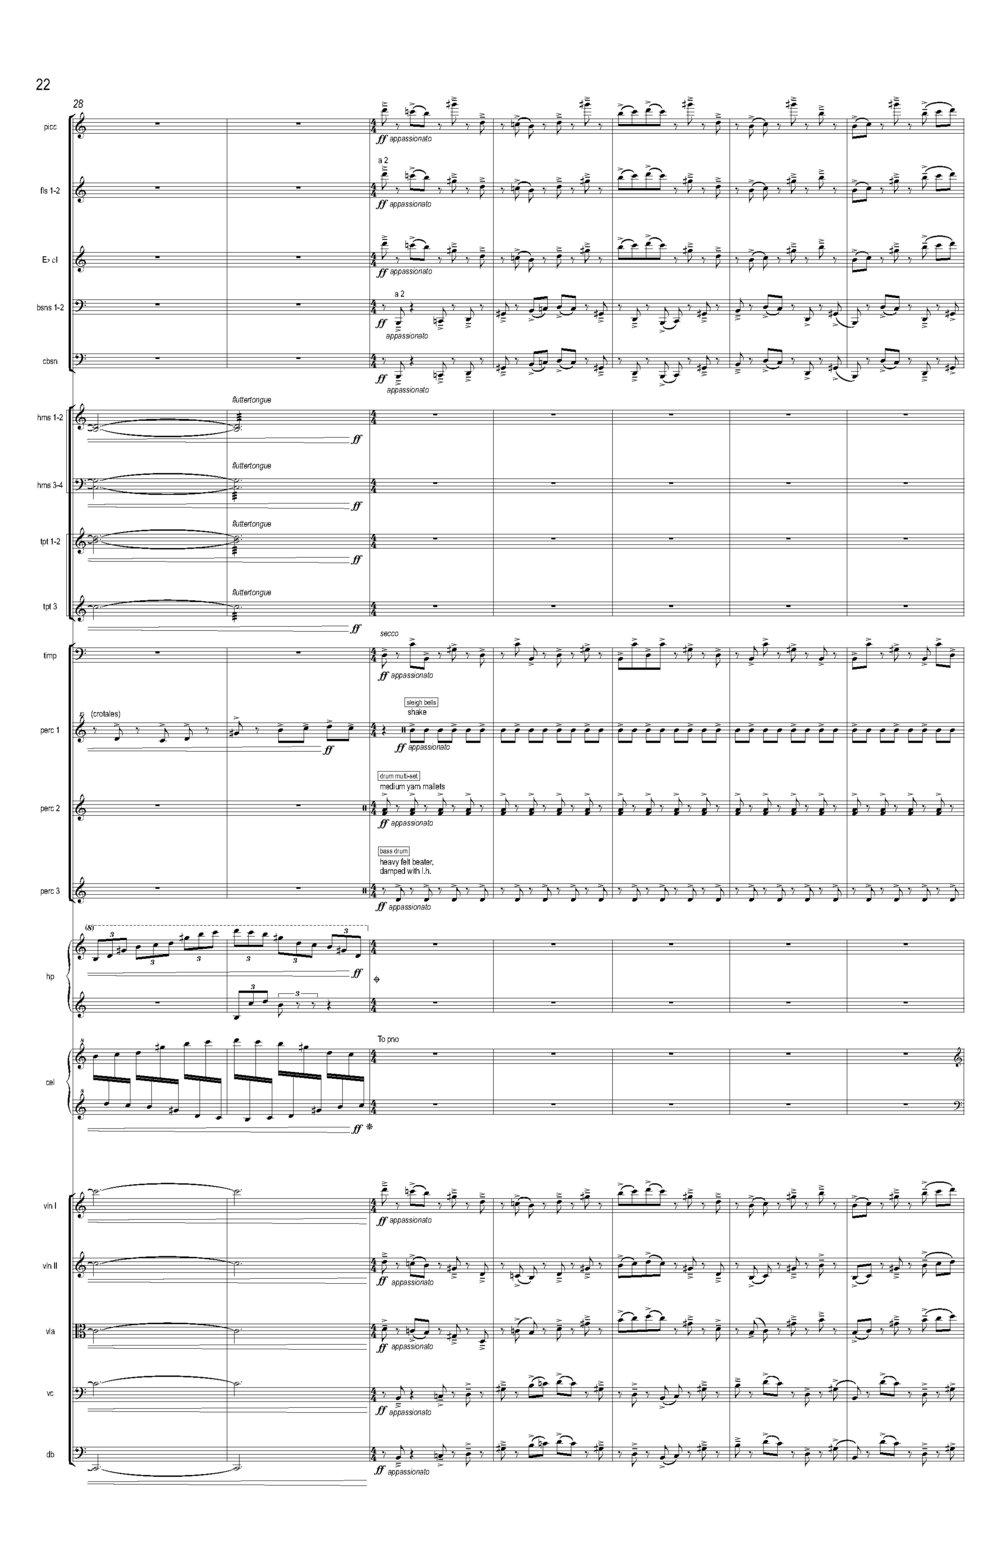 Ciach_Collective Uncommon REVISED_Full Score (Feb 2017)_Seite_28.jpg